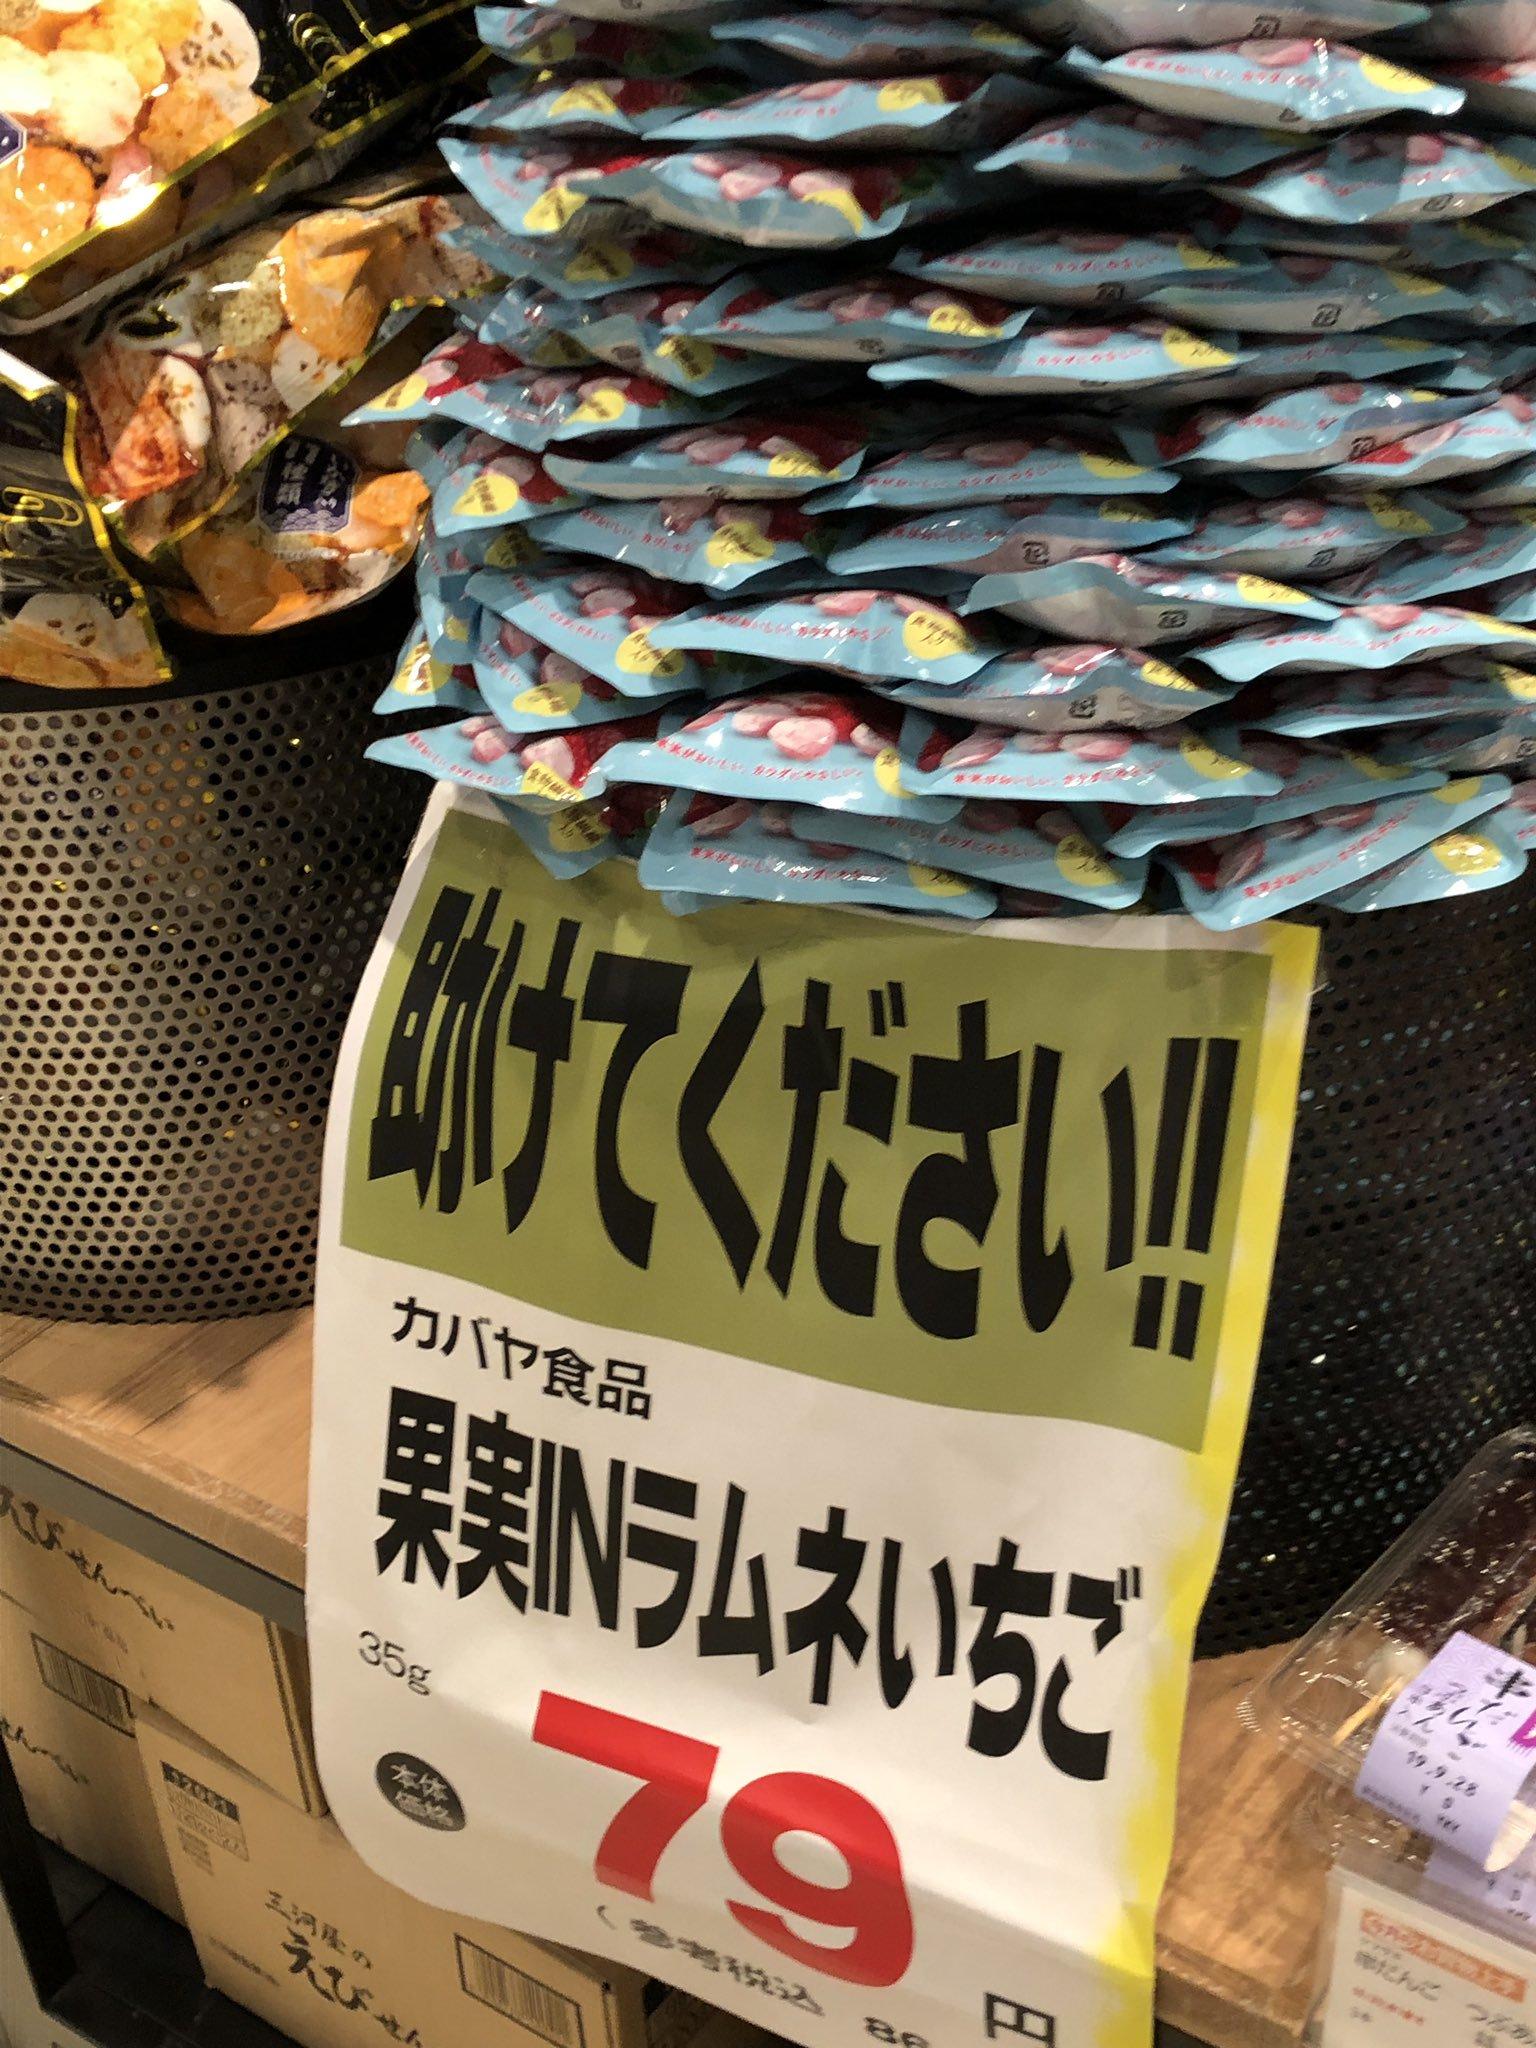 阪急オアシス神崎川店の店員さん「助けてください!!」ラムネ発注ミス